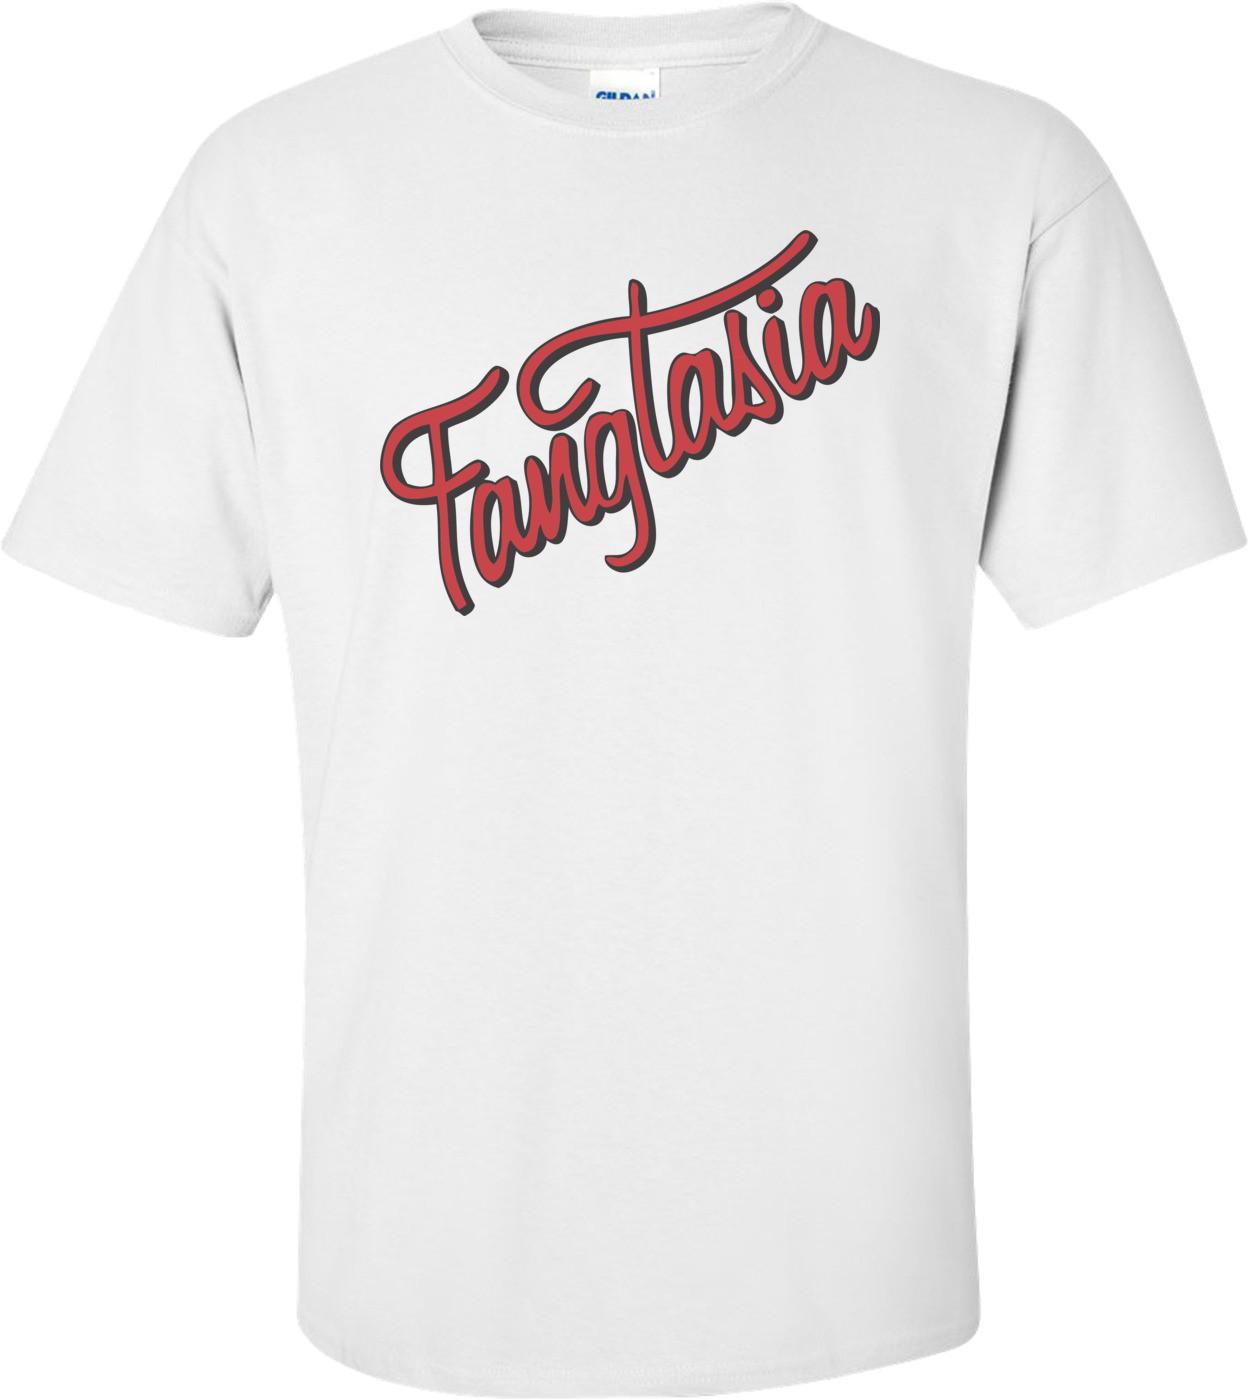 Fangtasia - True Blood T-shirt